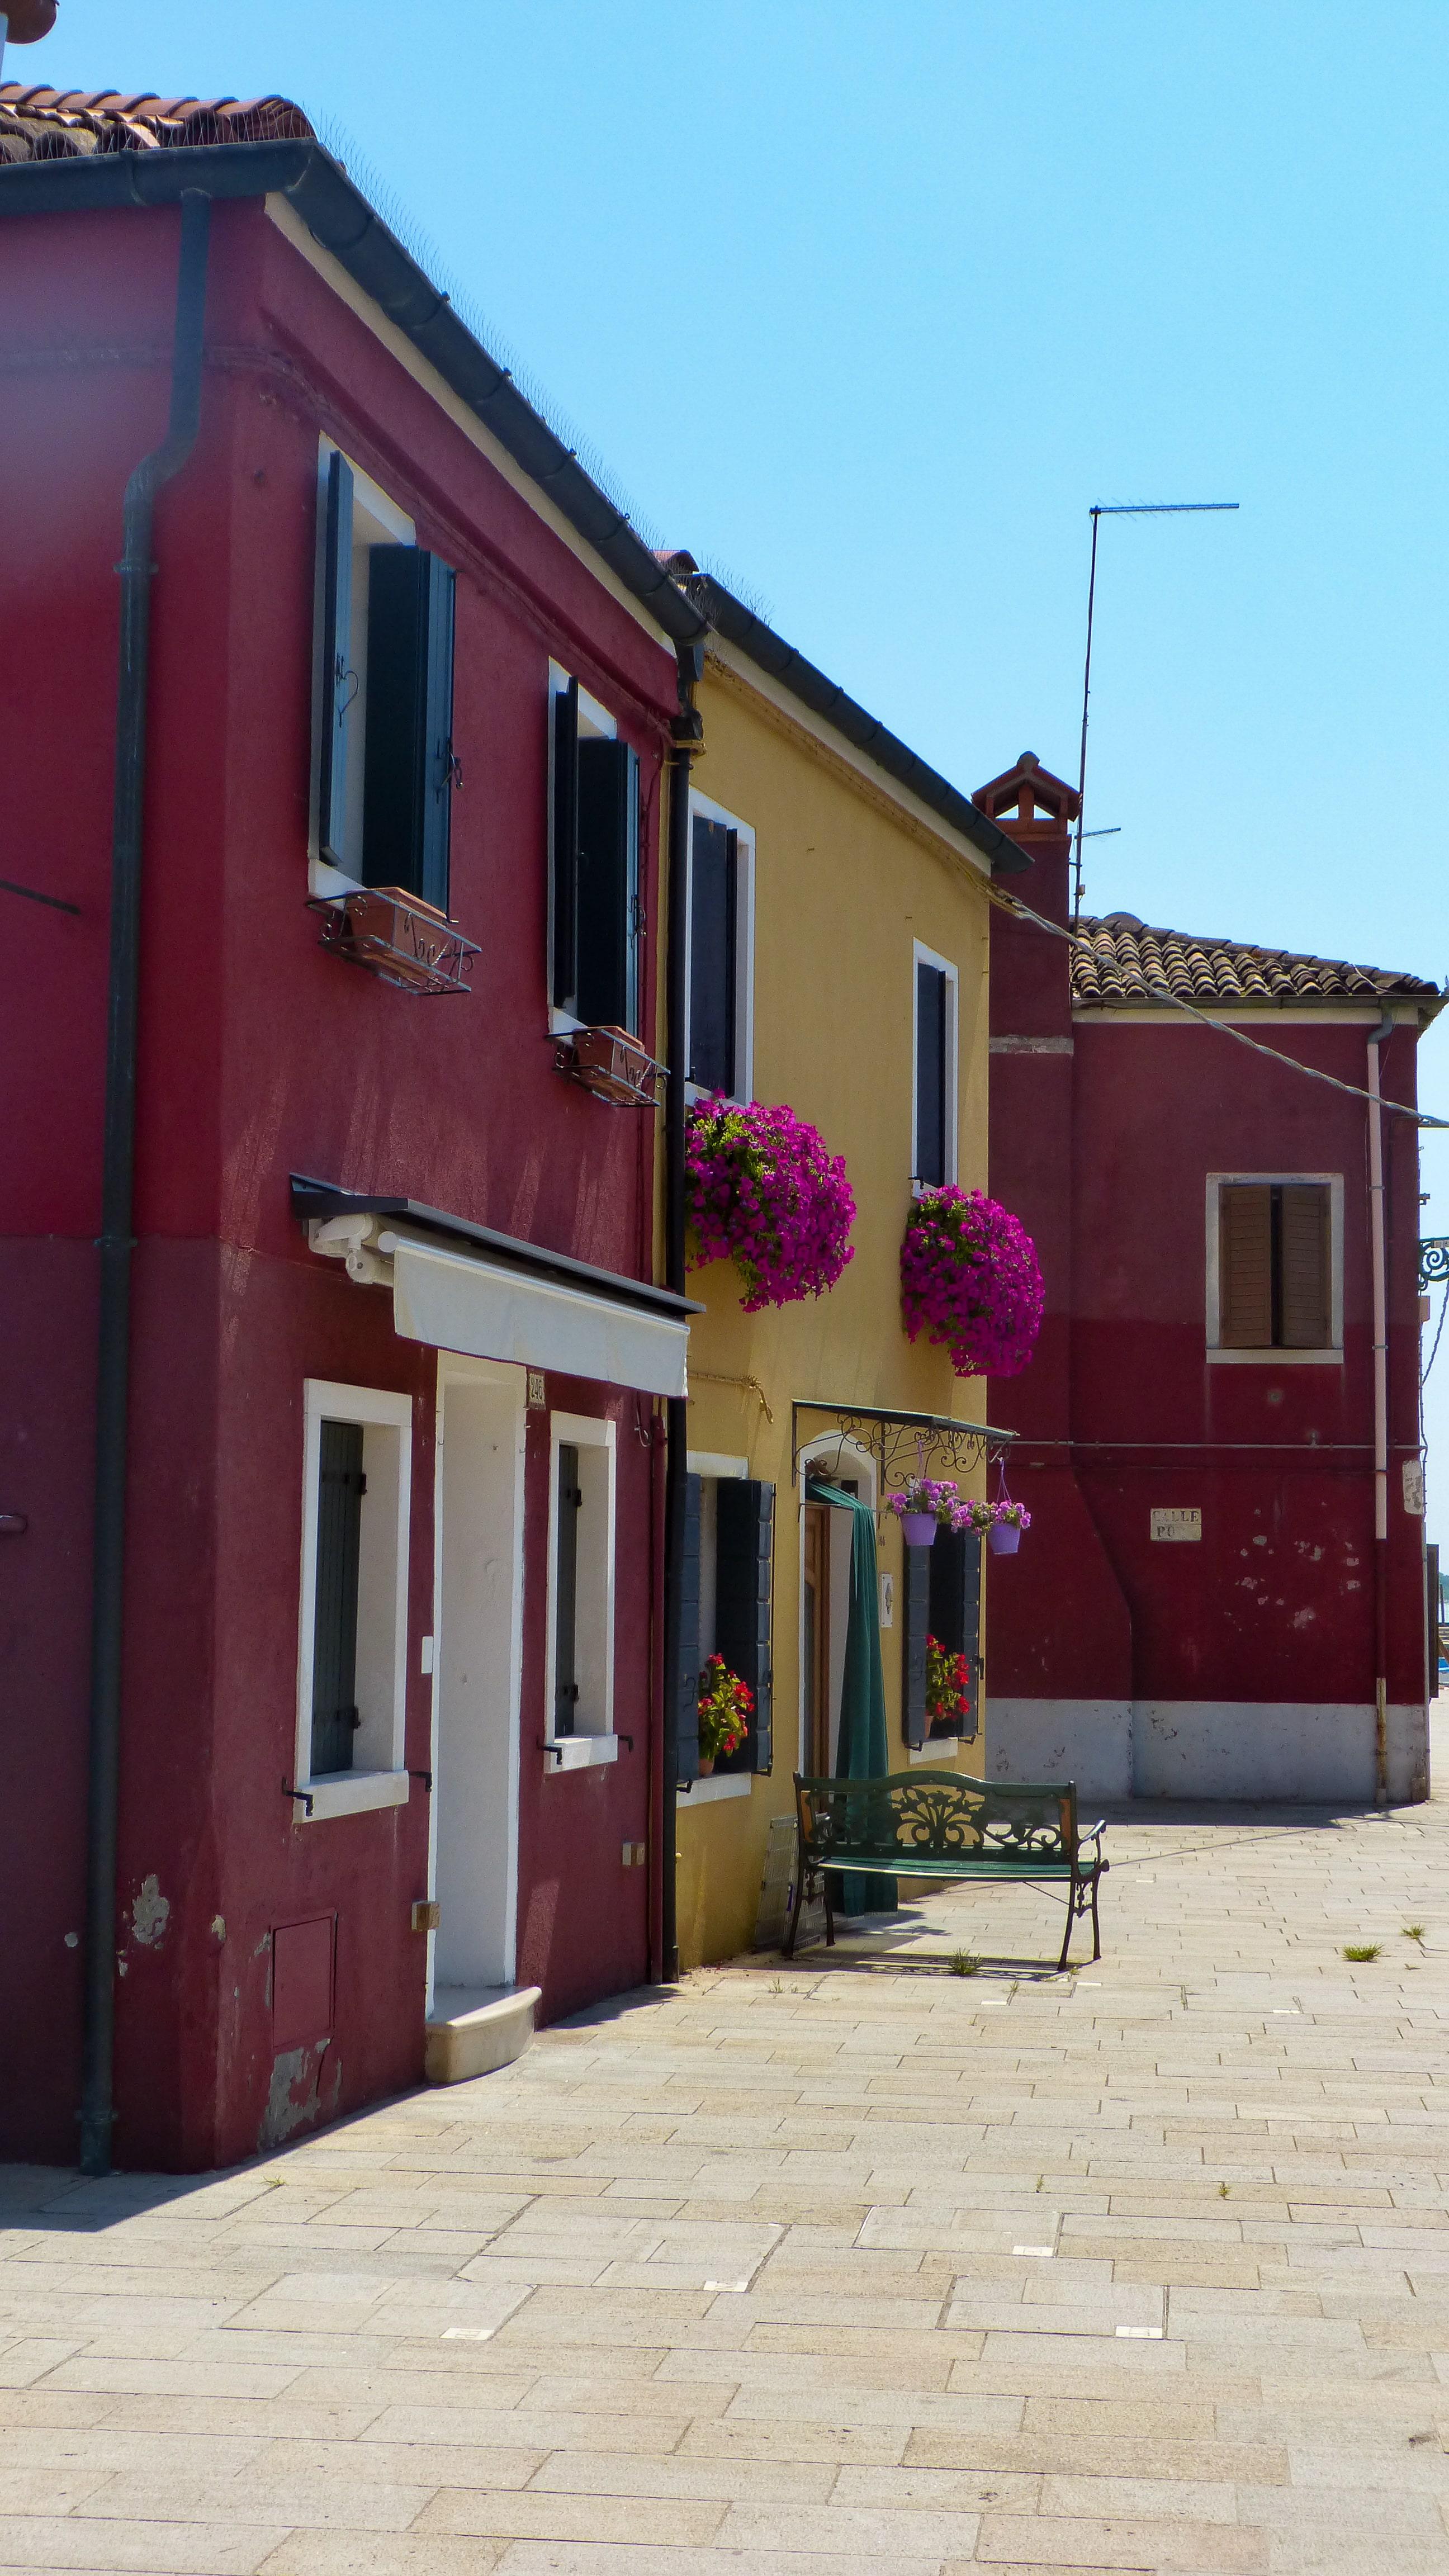 Découvrez l'ambiance colorée de l'île de Burano à côté de Venise.